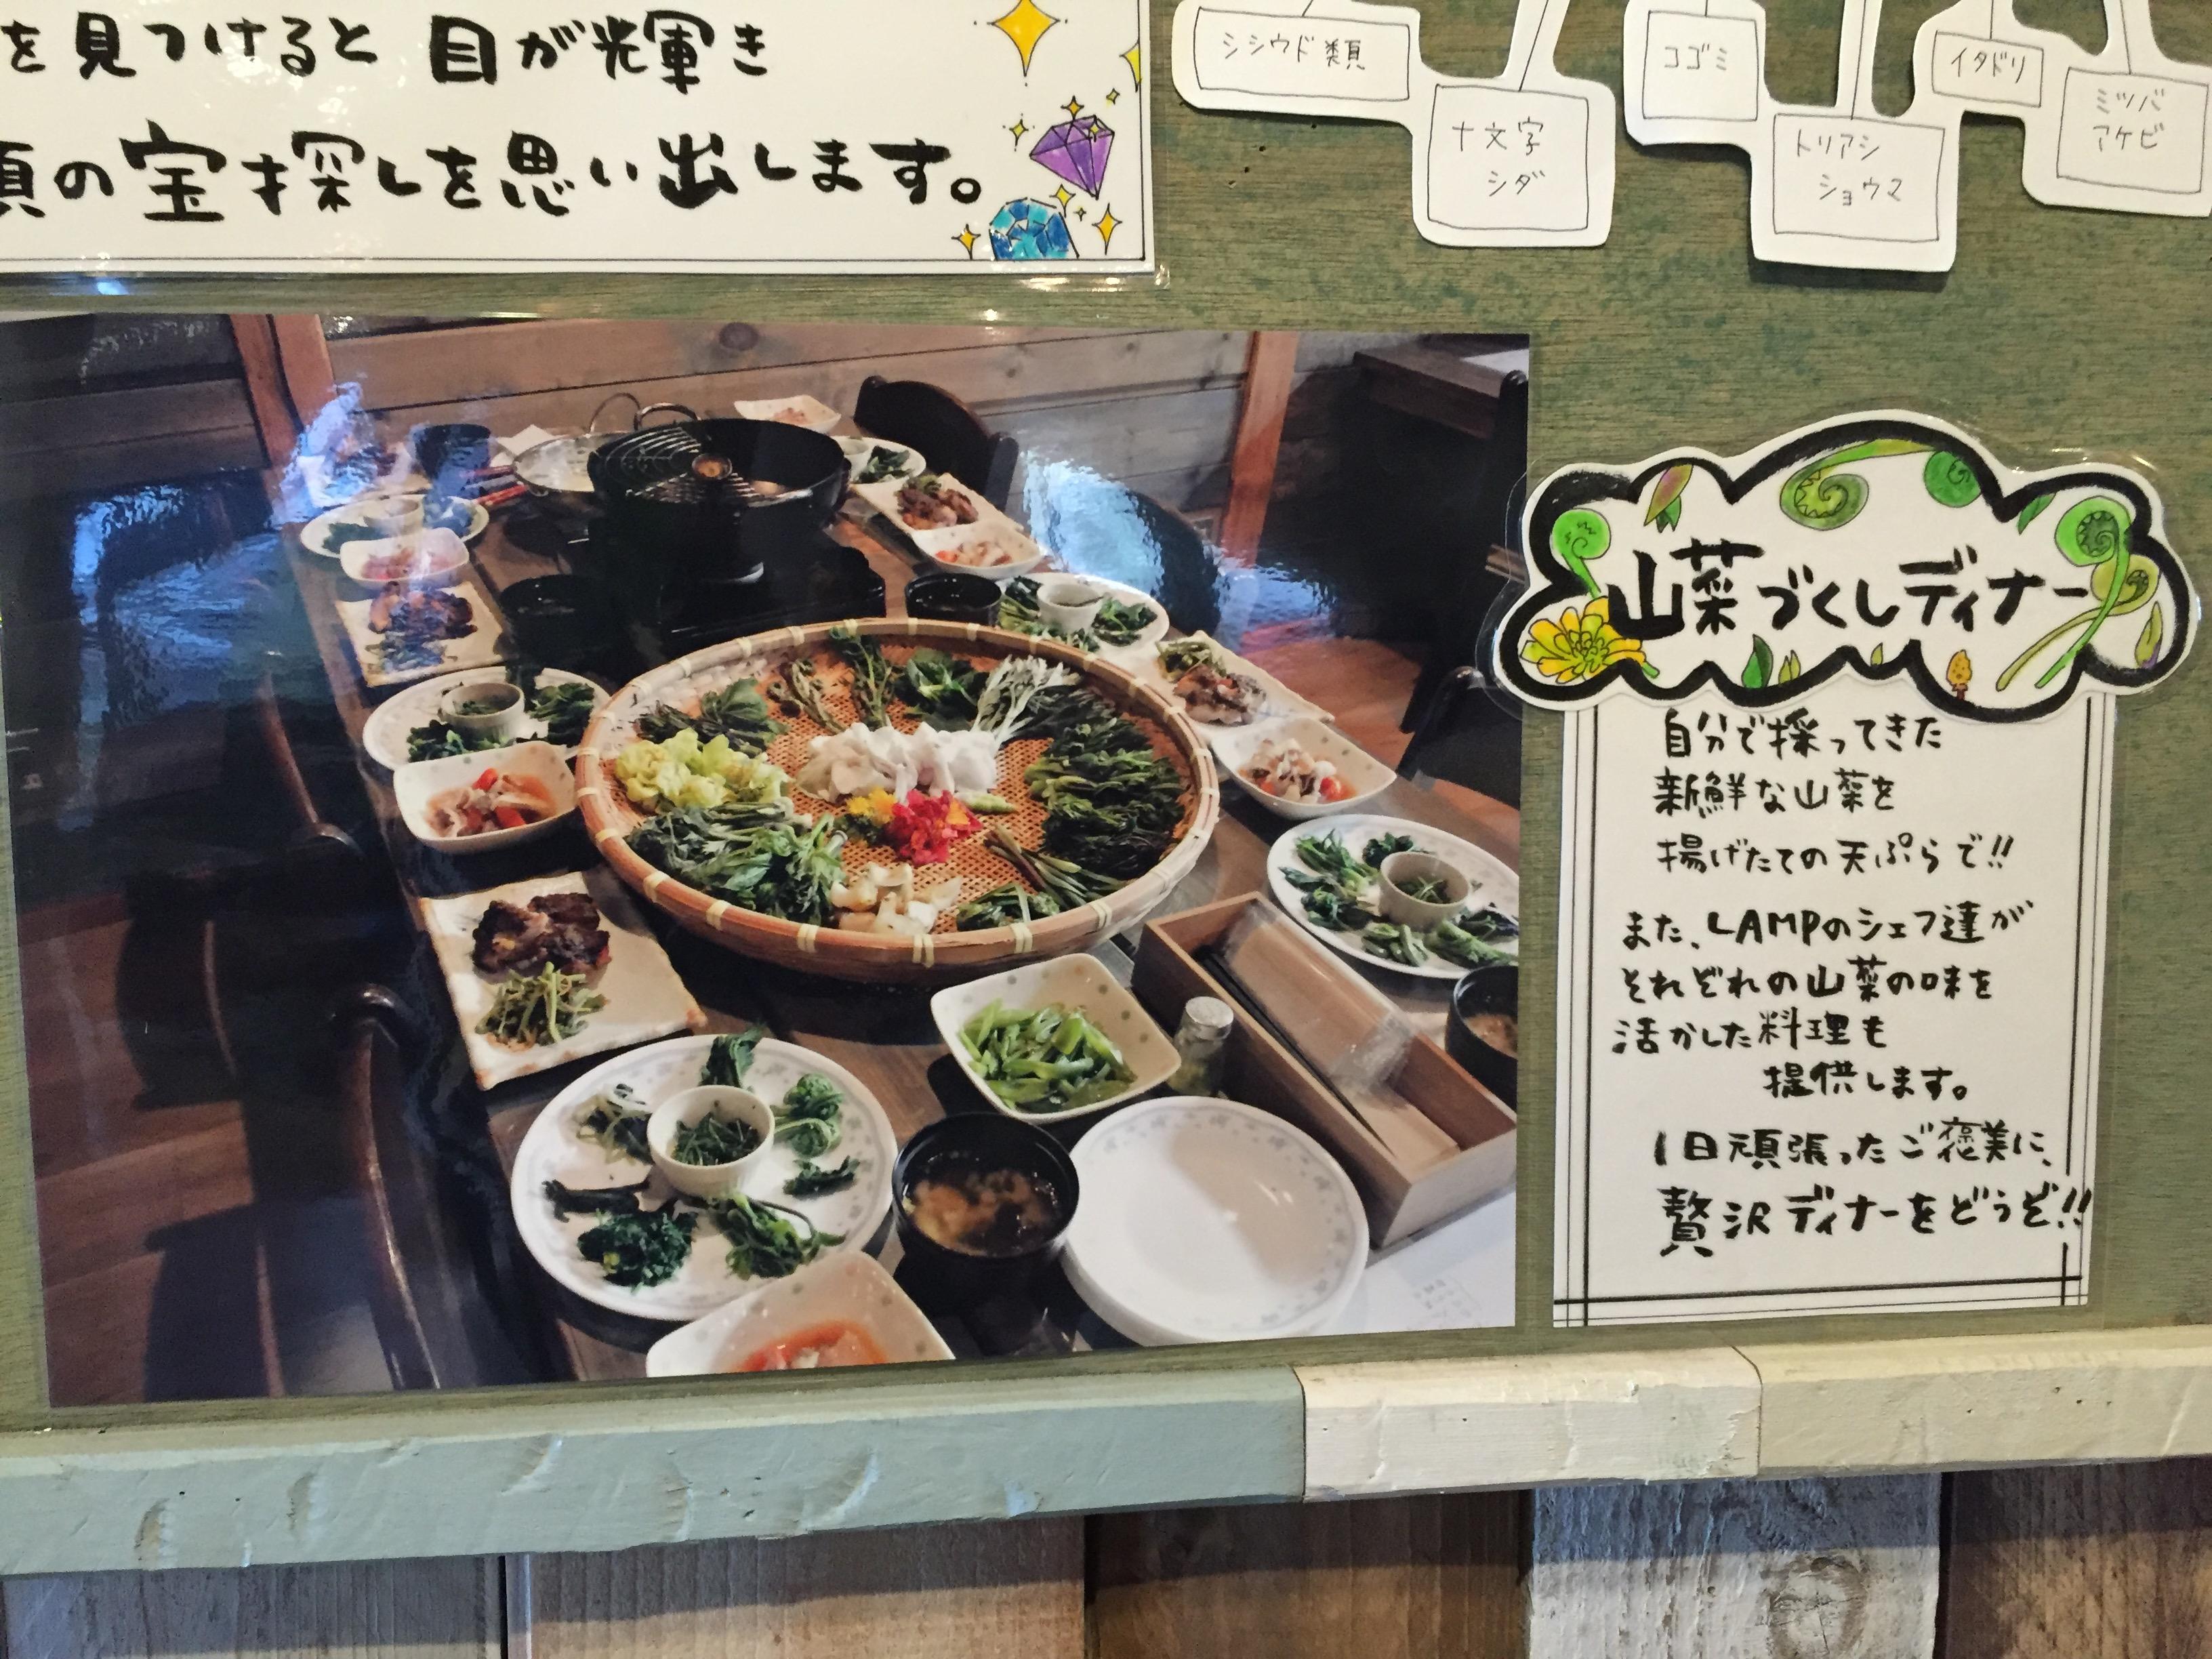 山菜尽くしディナーの紹介写真